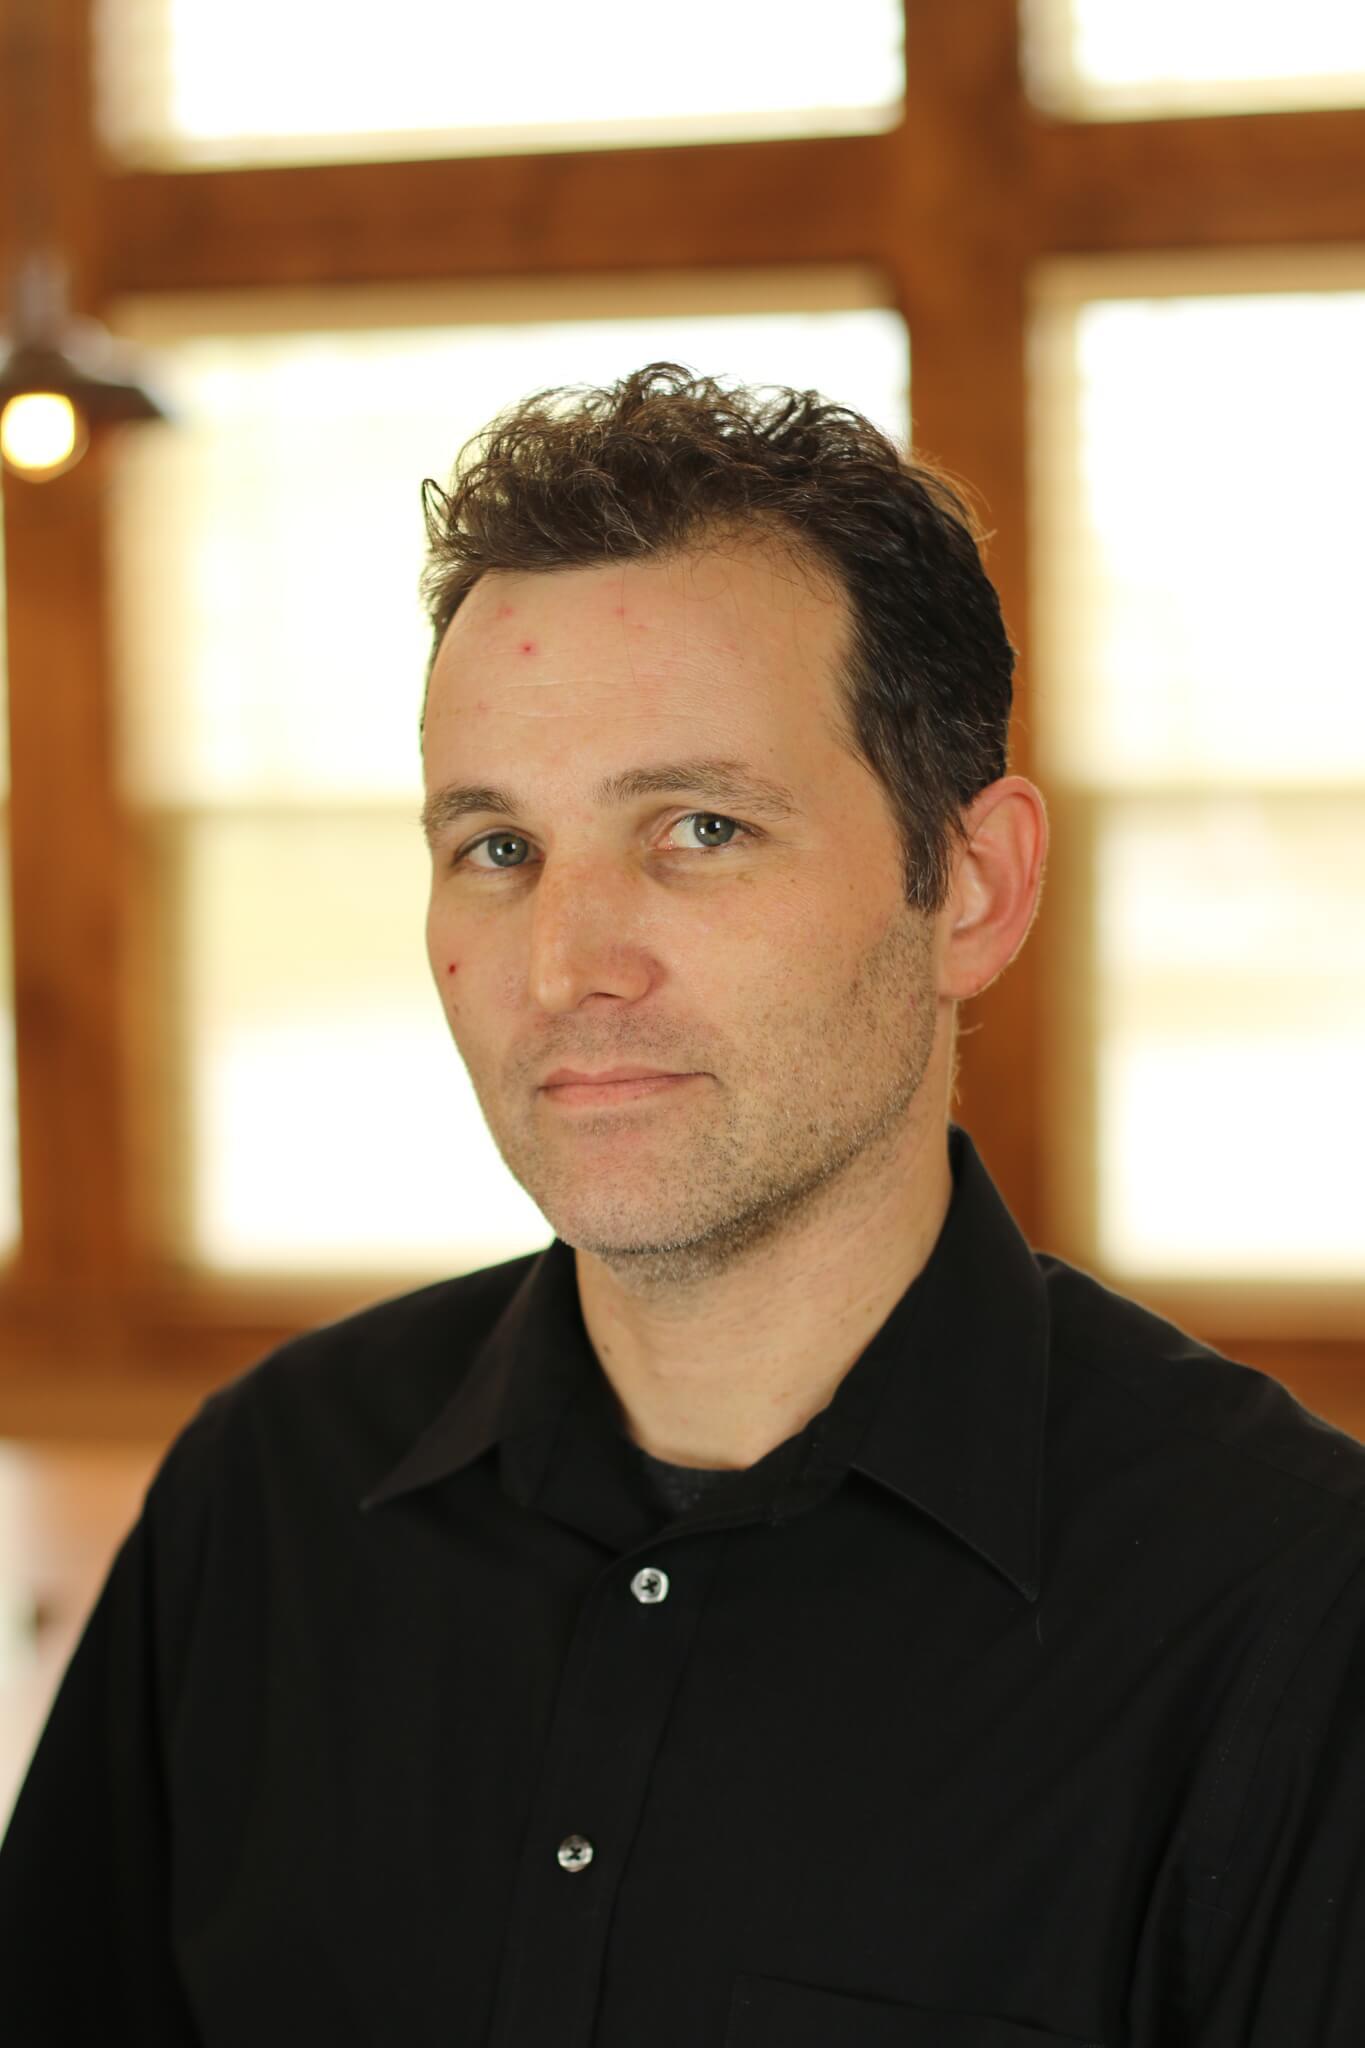 Jon Gronholz